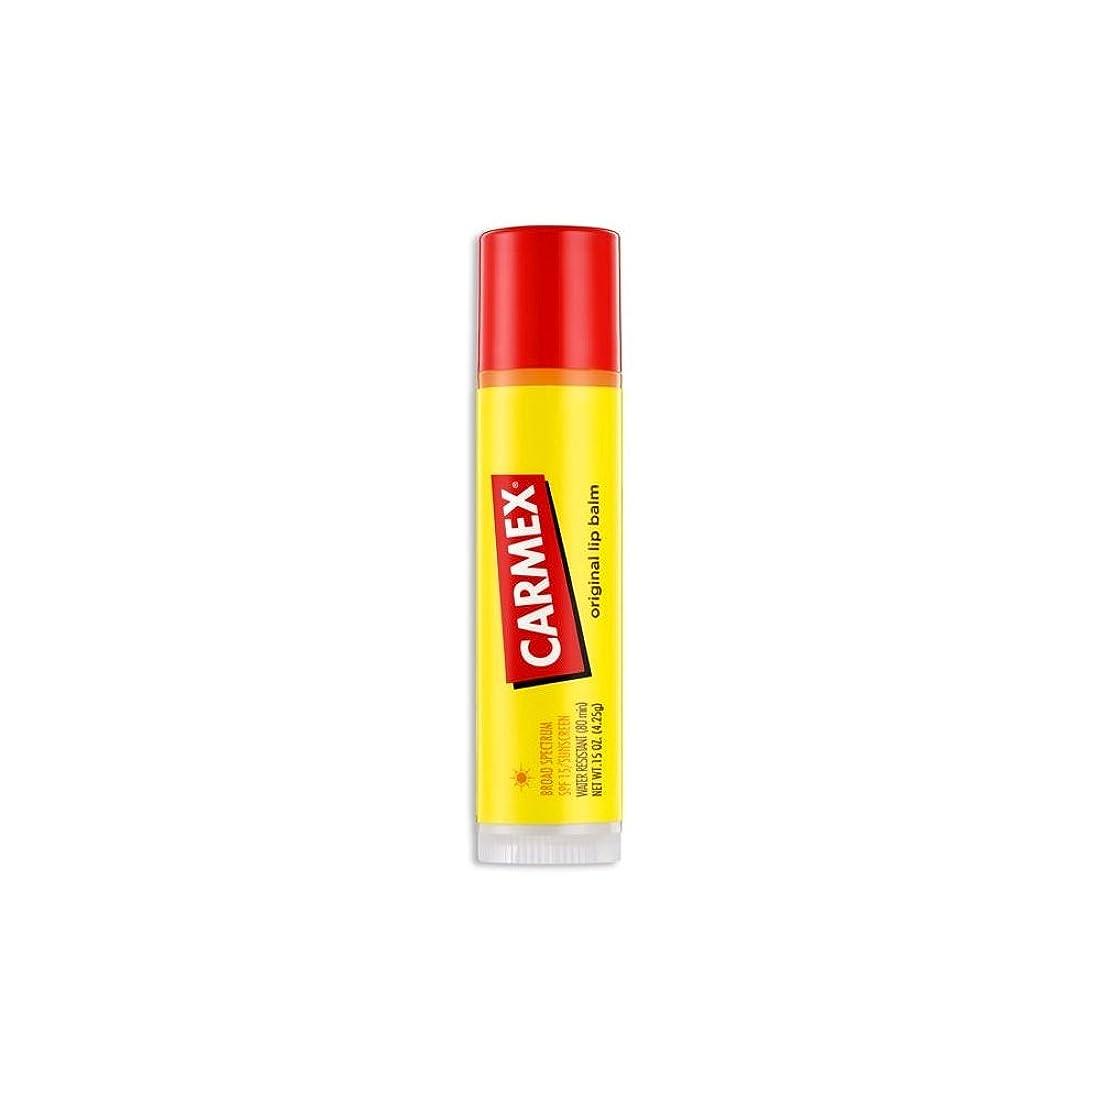 ビリーヤギバレエイブニング(6 Pack) CARMEX Original Flavor Sticks Original (並行輸入品)